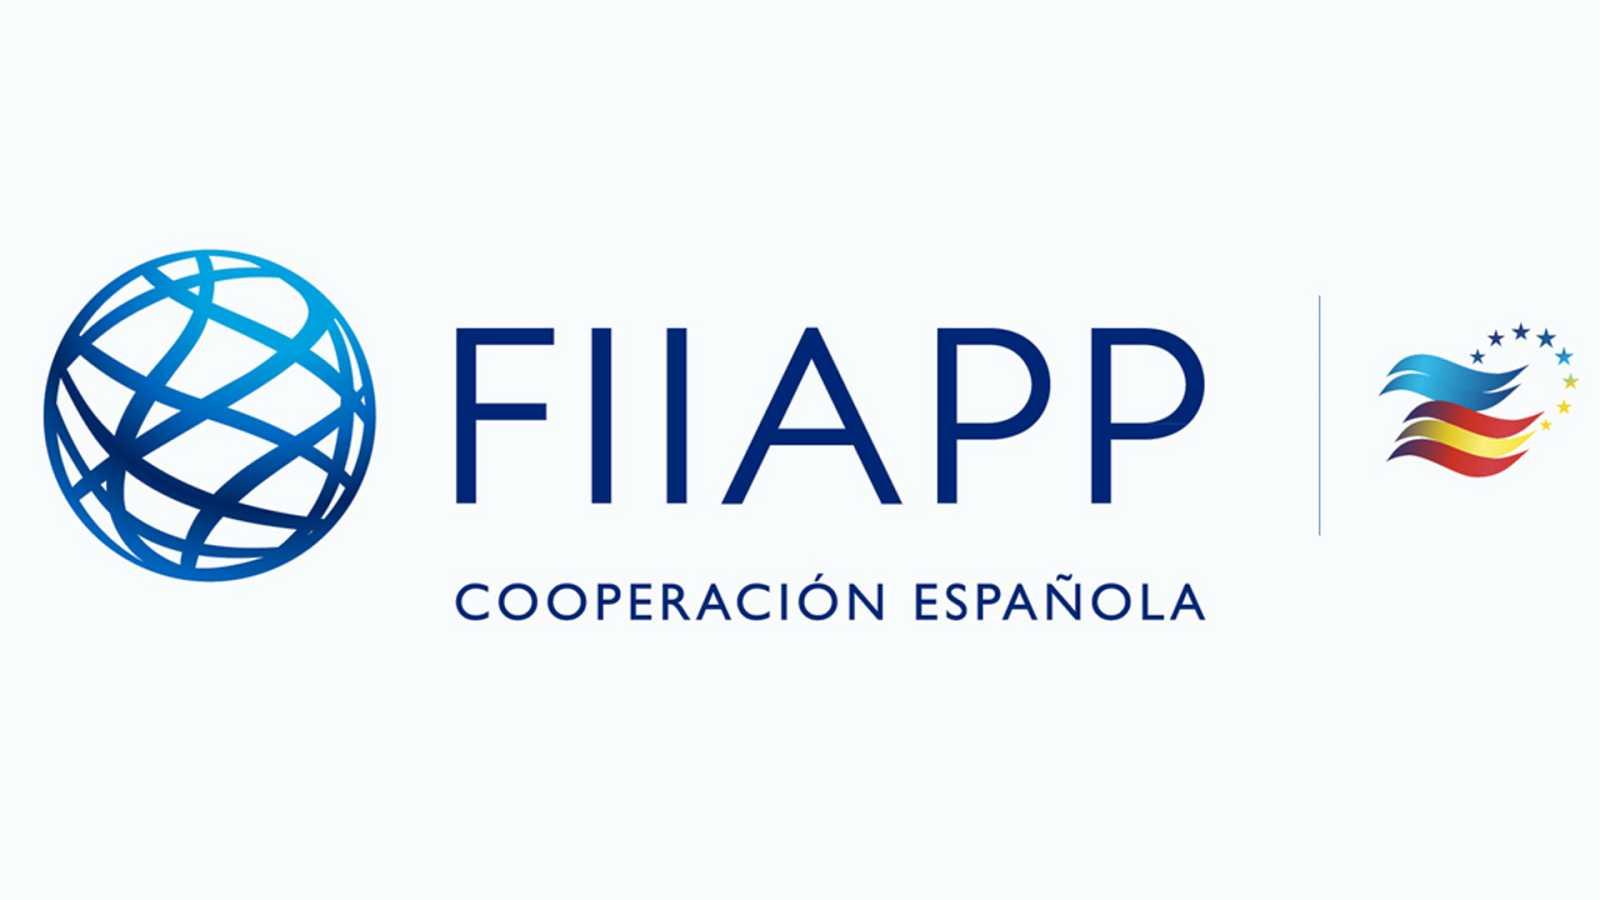 Cooperación pública en el mundo (FIIAPP) - El trabajo de la FIIAPP en Educación - 25/11/20 - escuchar ahora